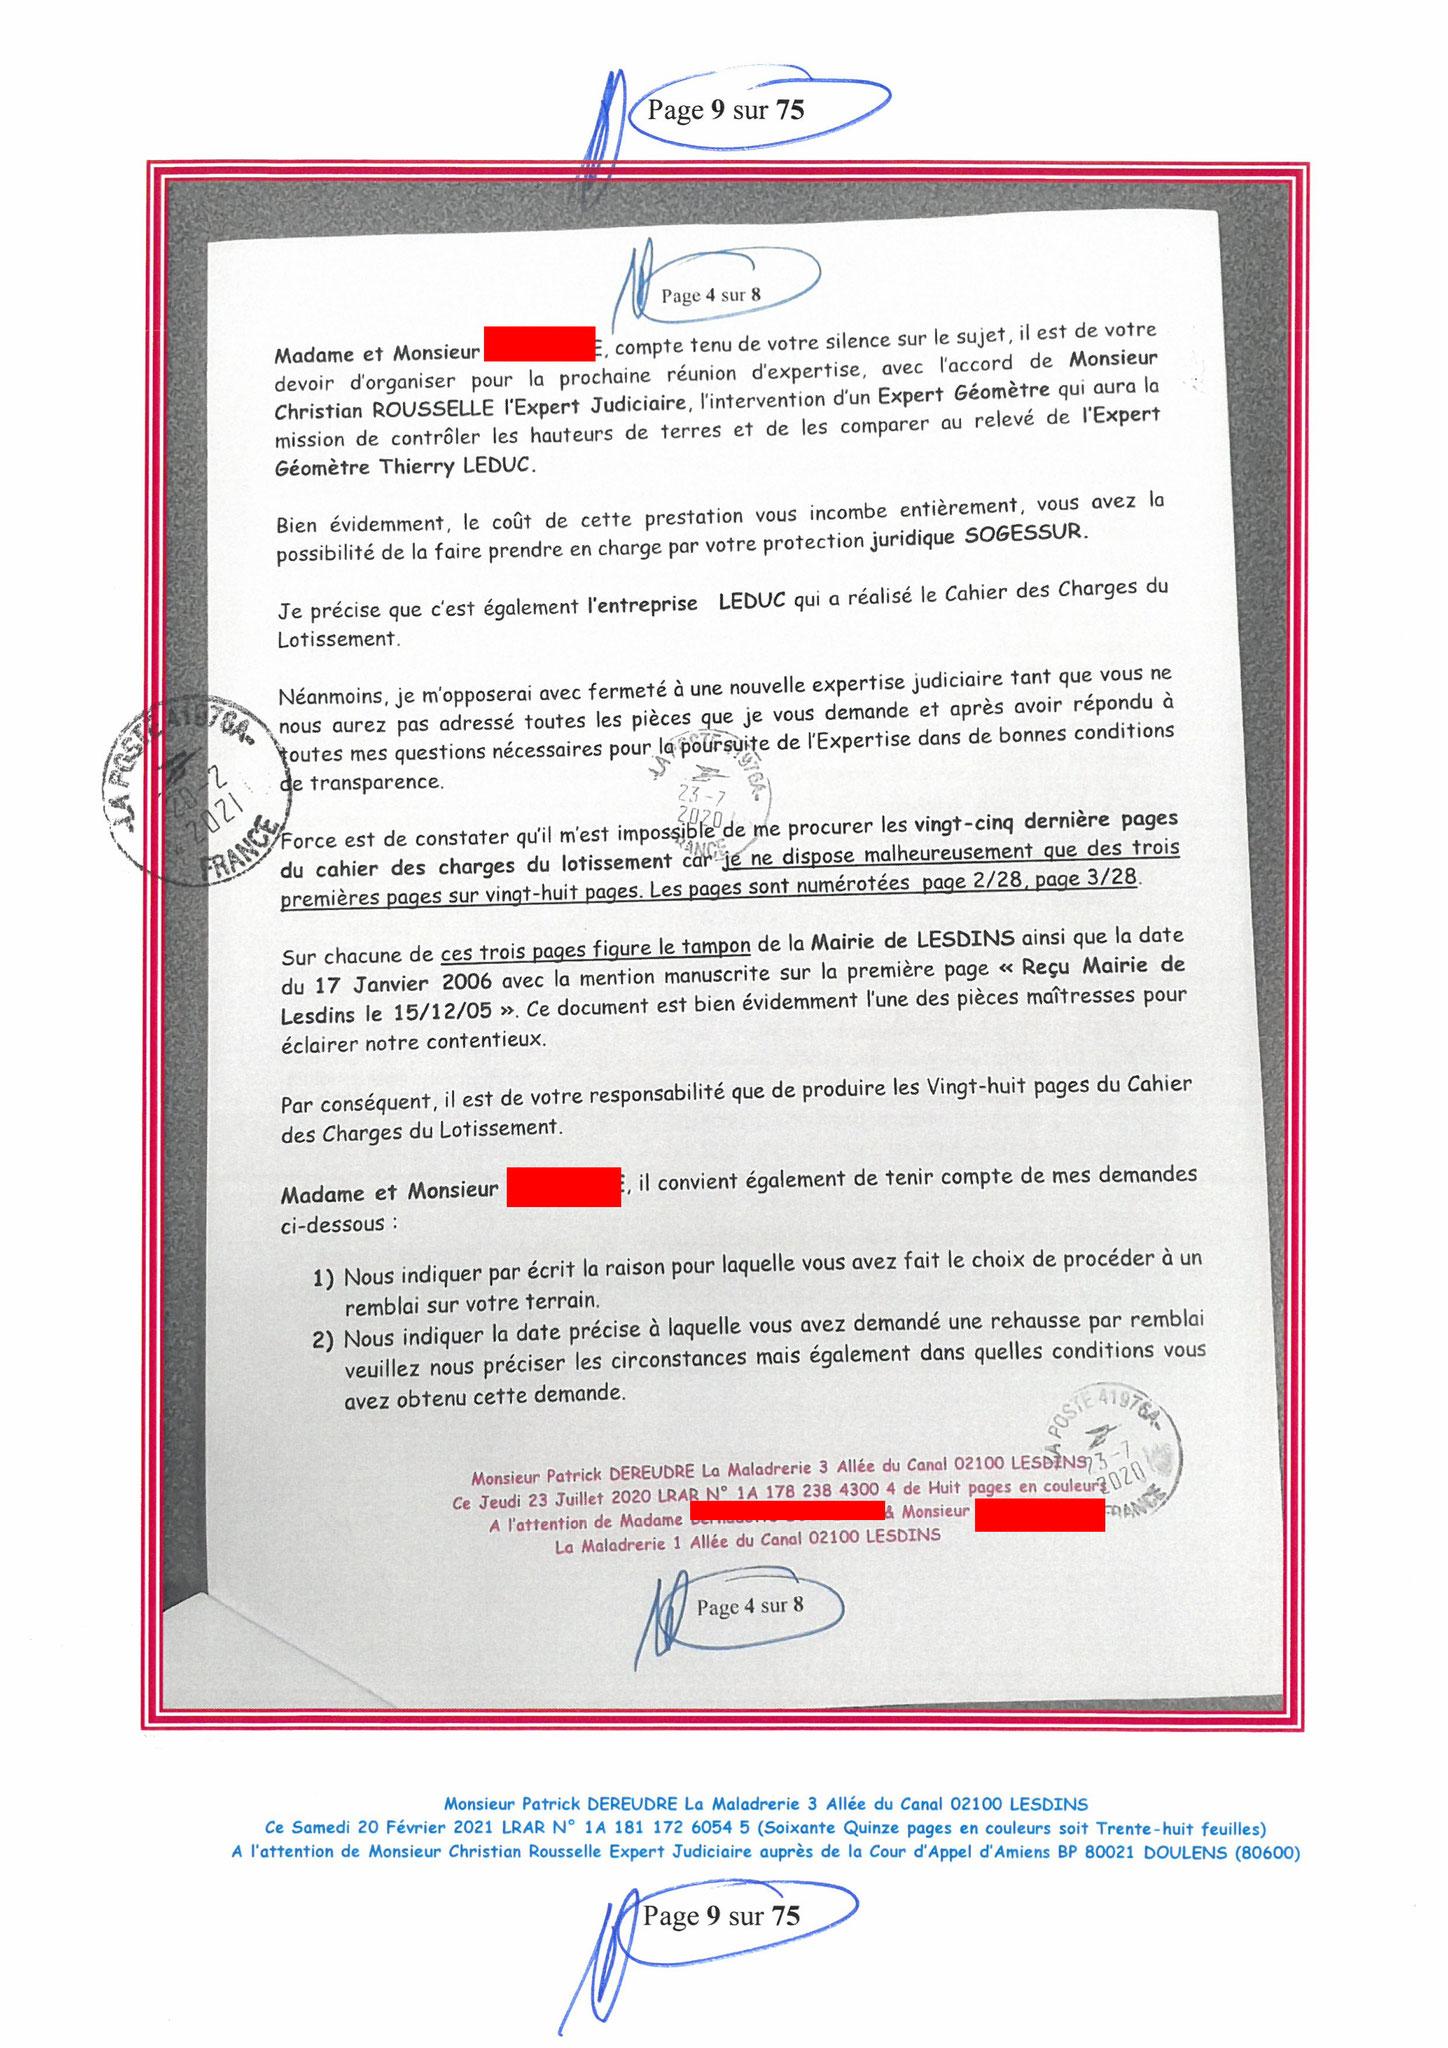 Page 9 Ma  Lettre Recommandée à Monsieur Christian ROUSSELLE Expert Judiciaire auprès de la Cour d'Appel d'Amiens Affaire MES CHERS VOISINS nos  www.jenesuispasunchien.fr www.jesuisvictime.fr www.jesuispatrick.fr PARJURE & CORRUPTION JUSTICE REPUBLIQUE